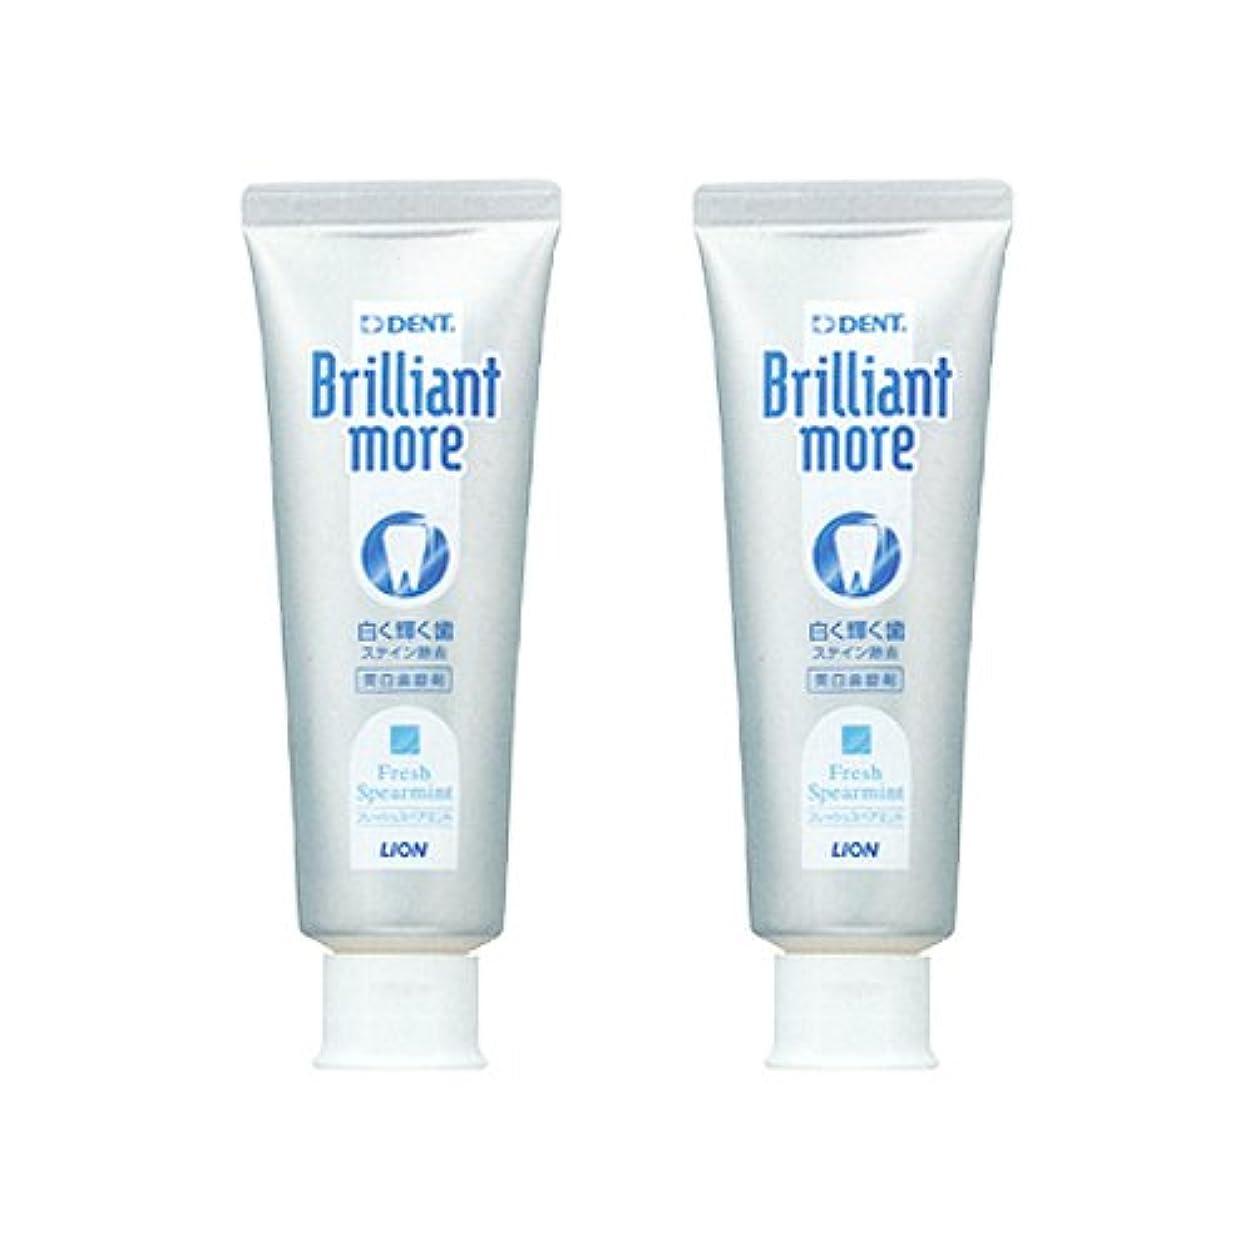 忙しい韓国語ごめんなさいブリリアントモア 歯科用 美白歯磨剤 90g × 2本 フレッシュスペアミント (フレッシュスペアミント)